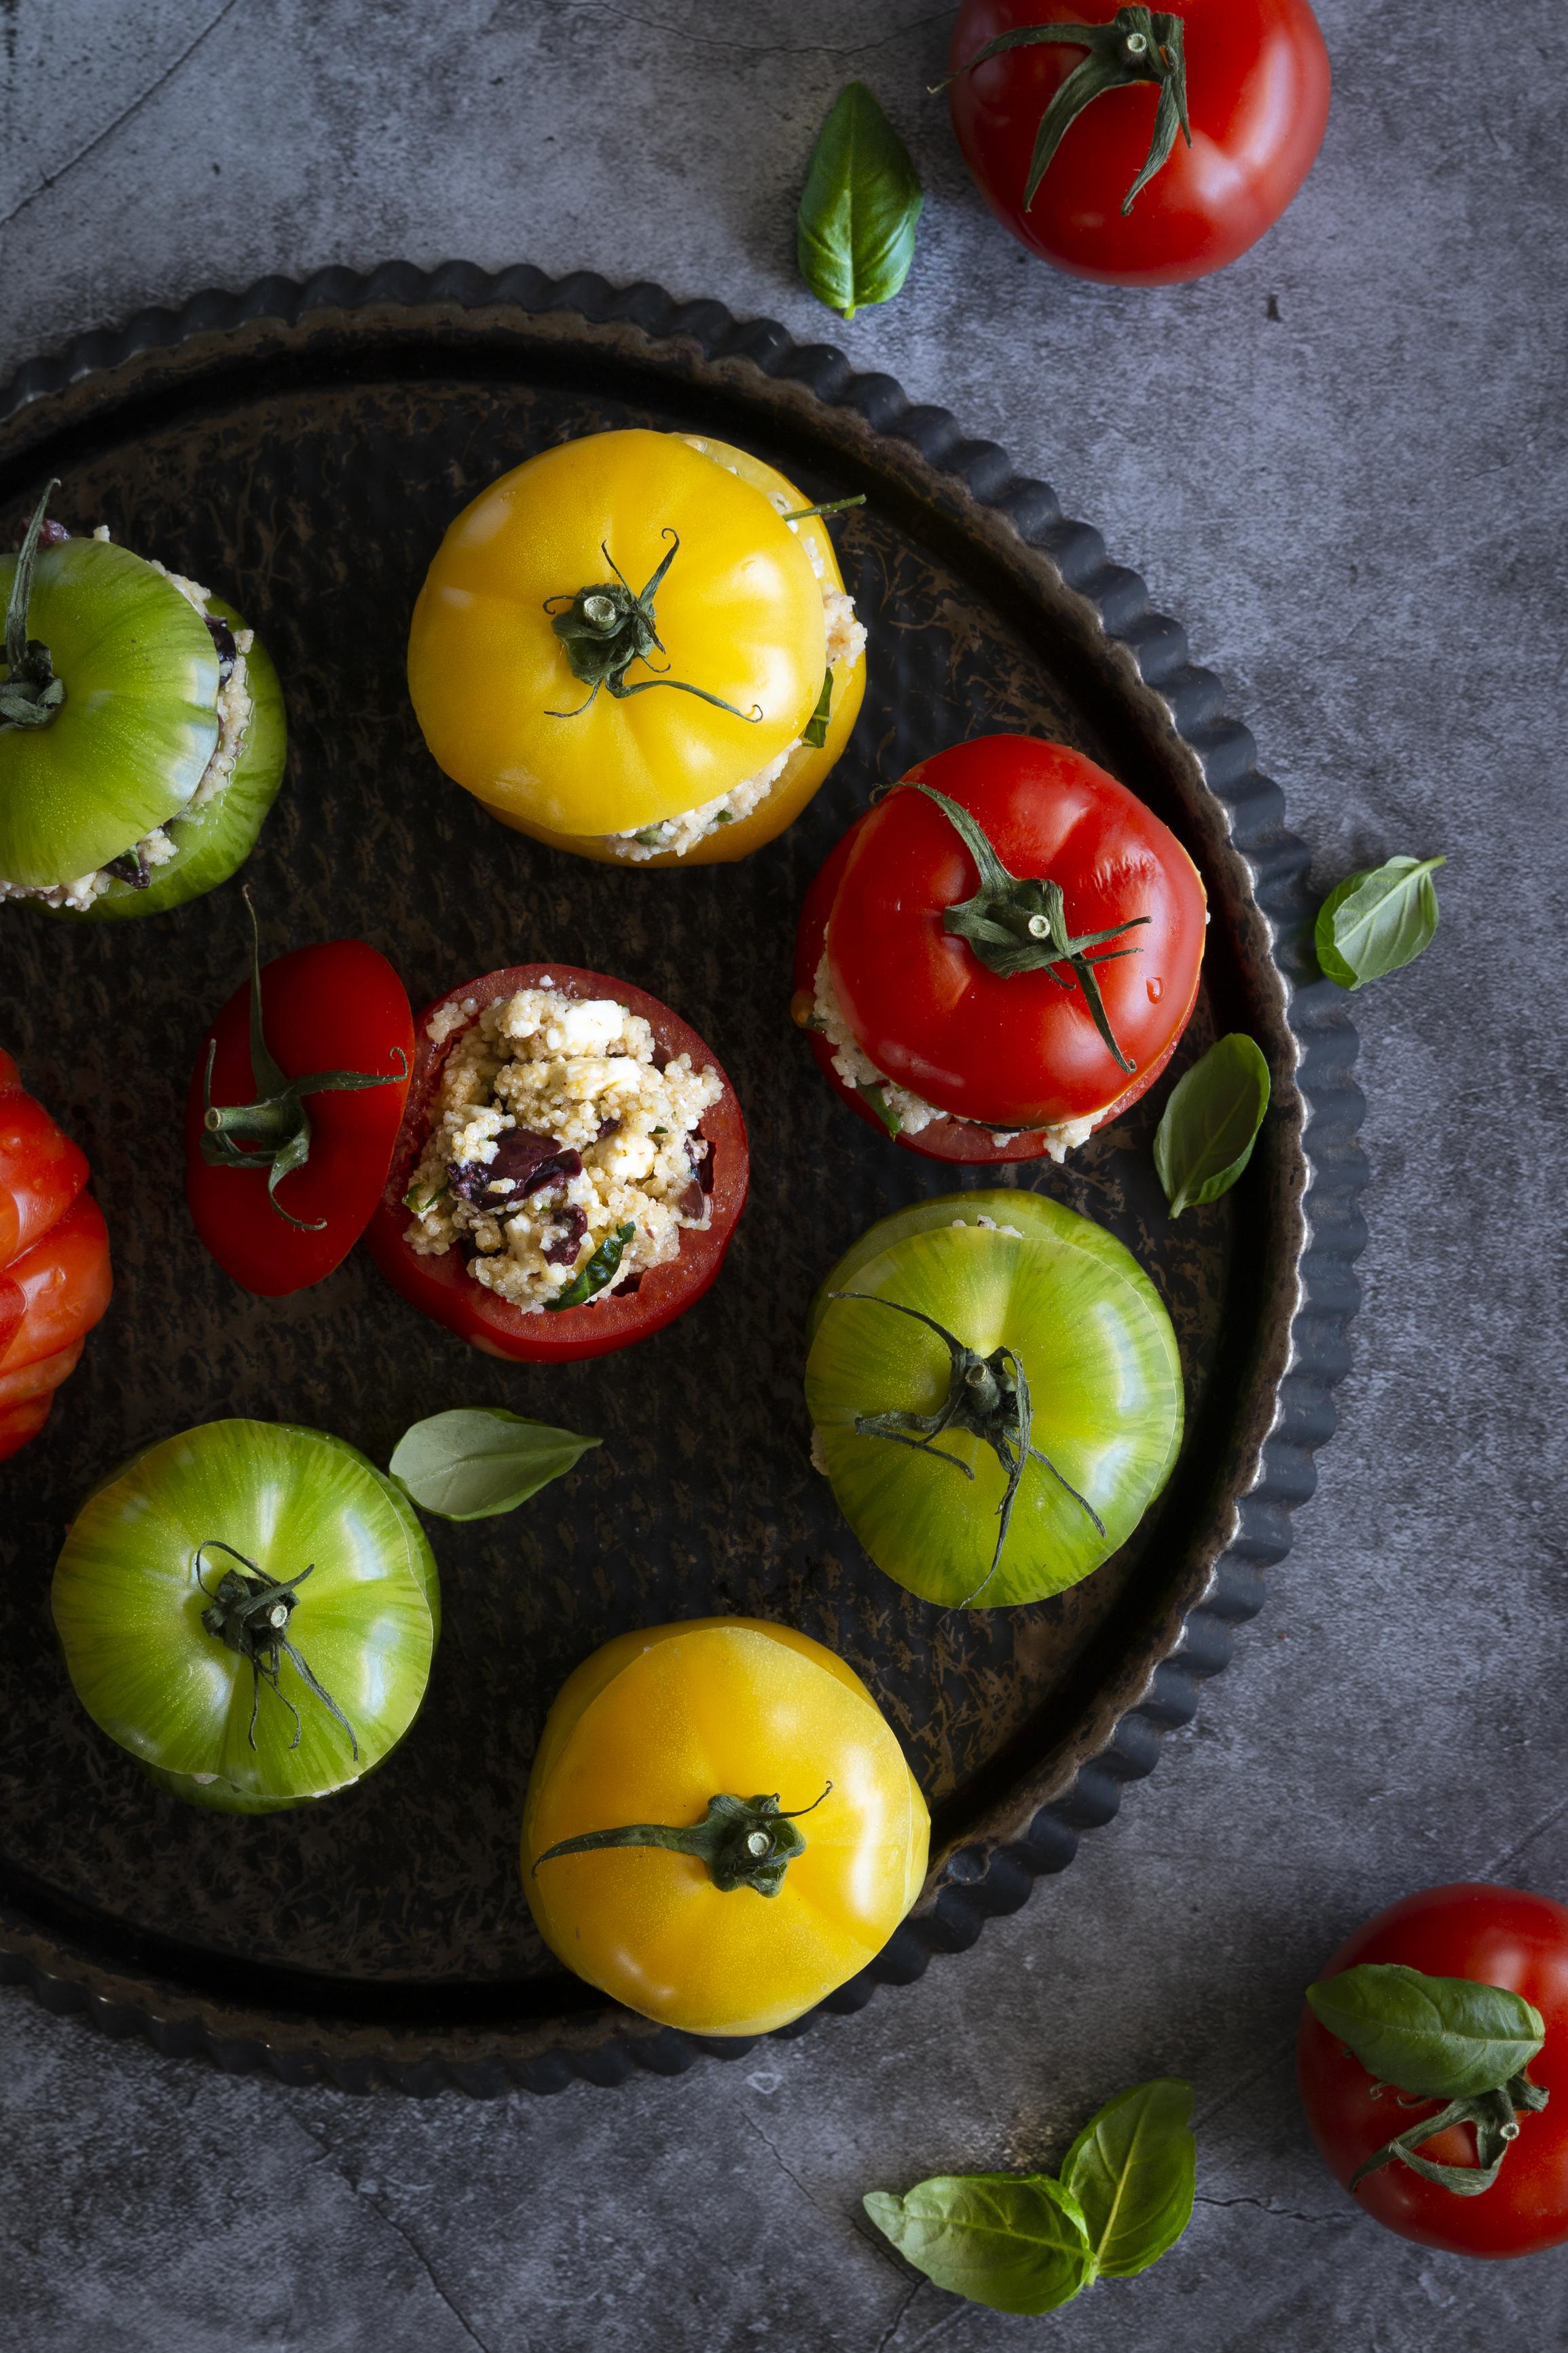 gefüllte_Tomaten